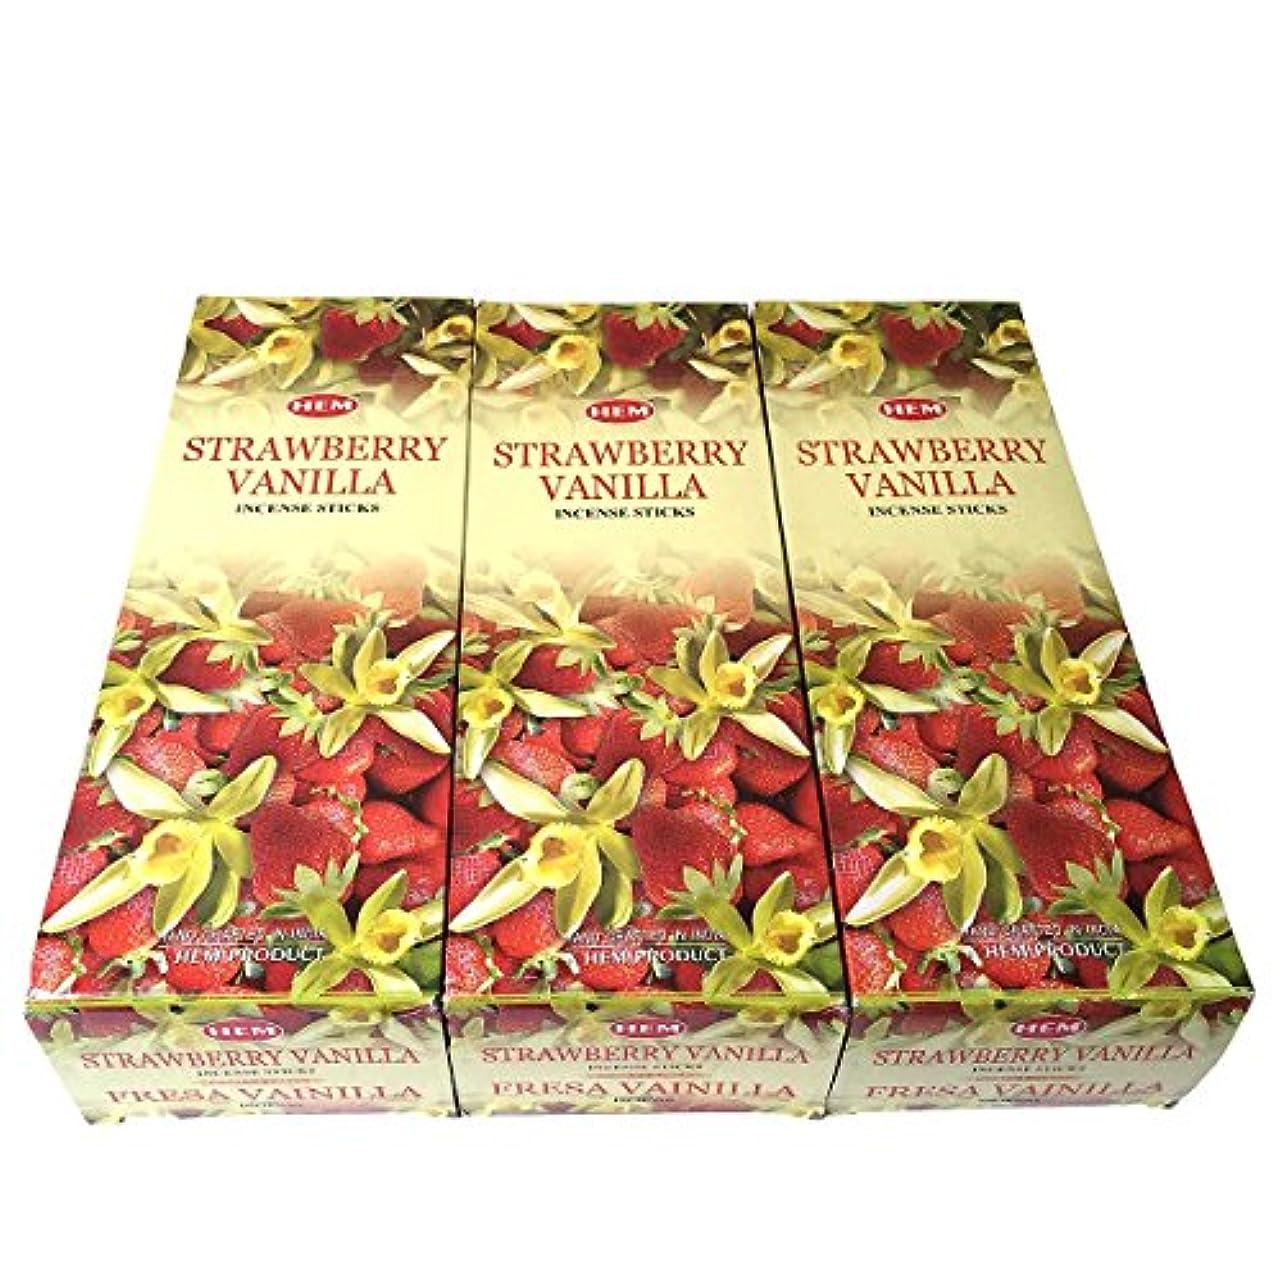 責めアンドリューハリディほのめかすストロベリーバニラ香スティック 3BOX(18箱) /HEM STRAWBERRY VANILLA/インセンス/インド香 お香 [並行輸入品]